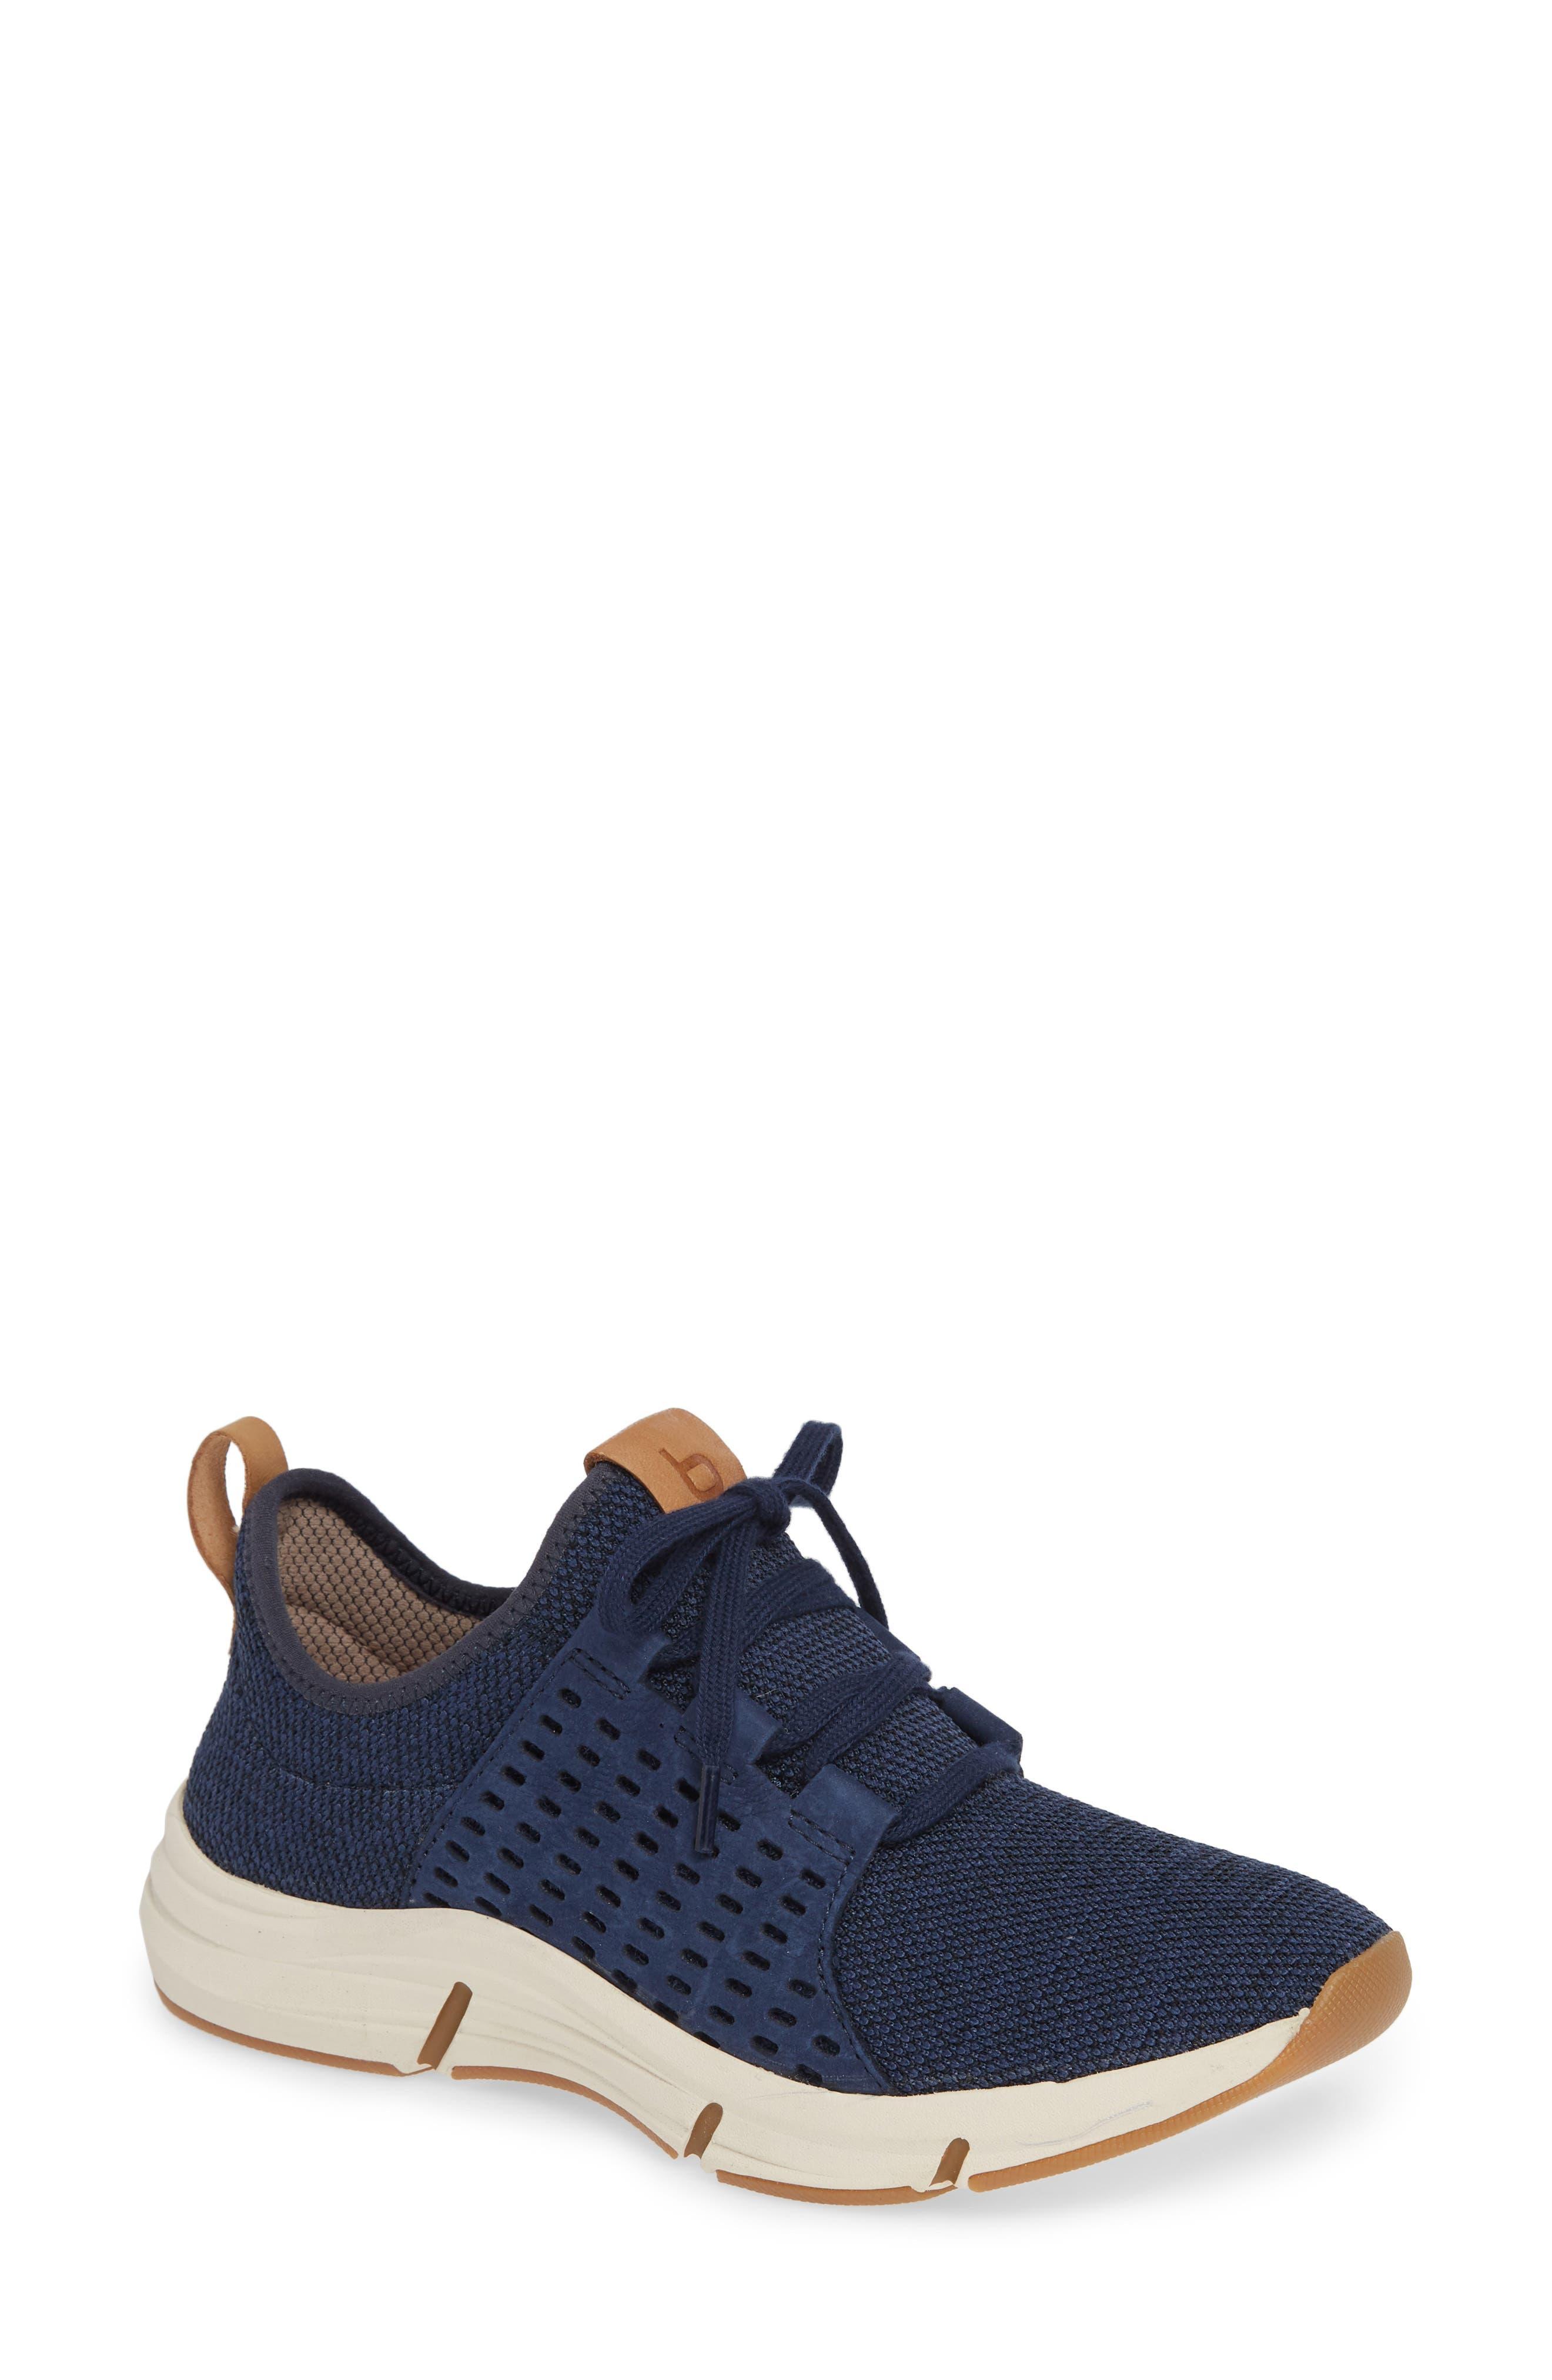 Bionica Orsola Sneaker, Blue